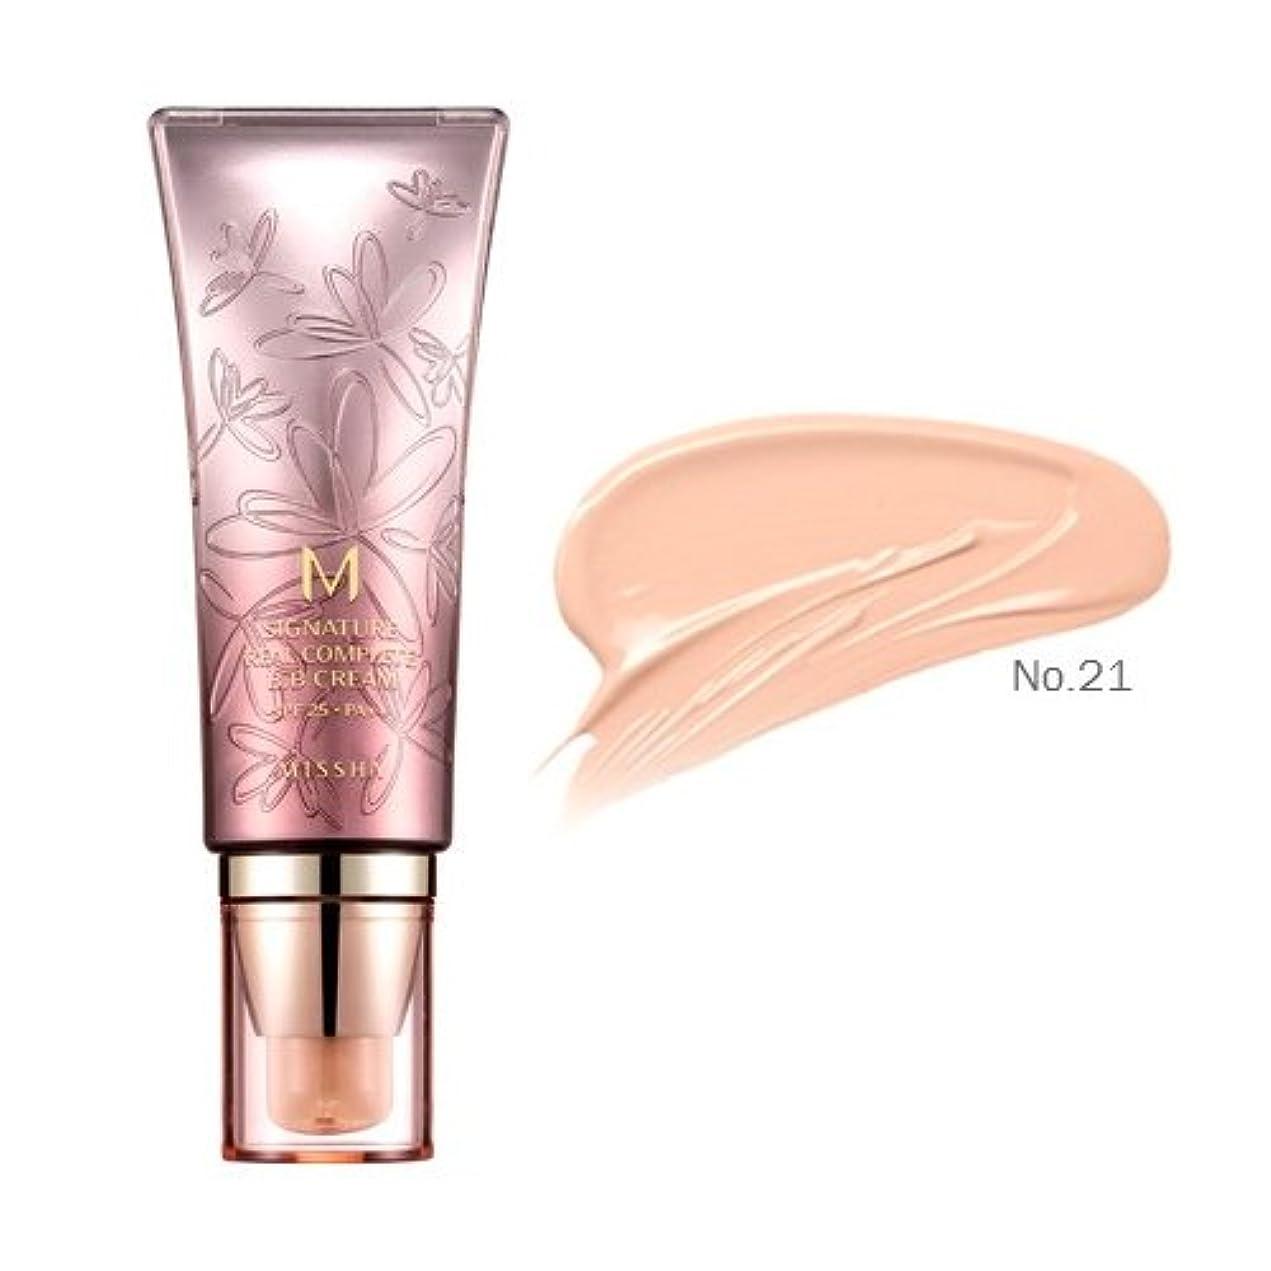 スマート異議高揚した(3 Pack) MISSHA M Signature Real Complete B.B Cream SPF 25 PA++ No. 21 Light Pink Beige (並行輸入品)